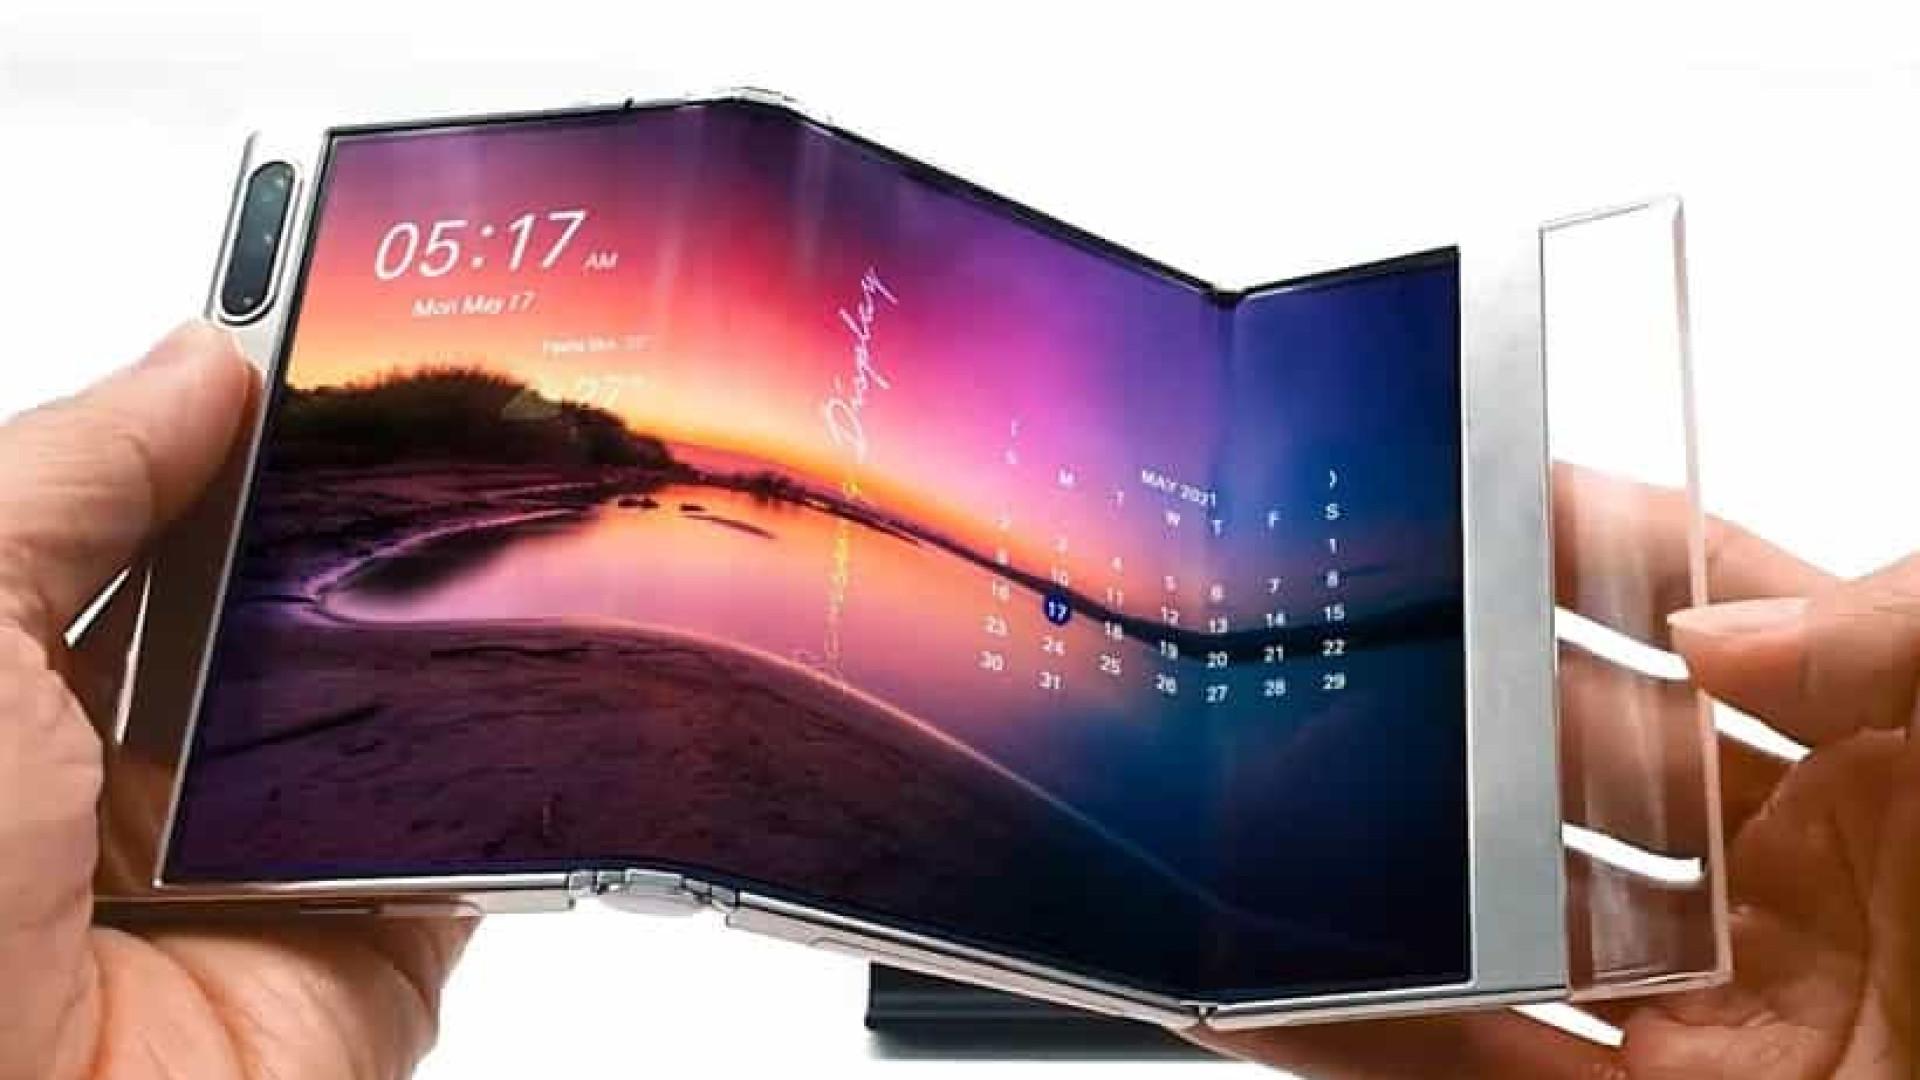 Samsung exibiu protótipos de dispositivos com ecrãs dobráveis